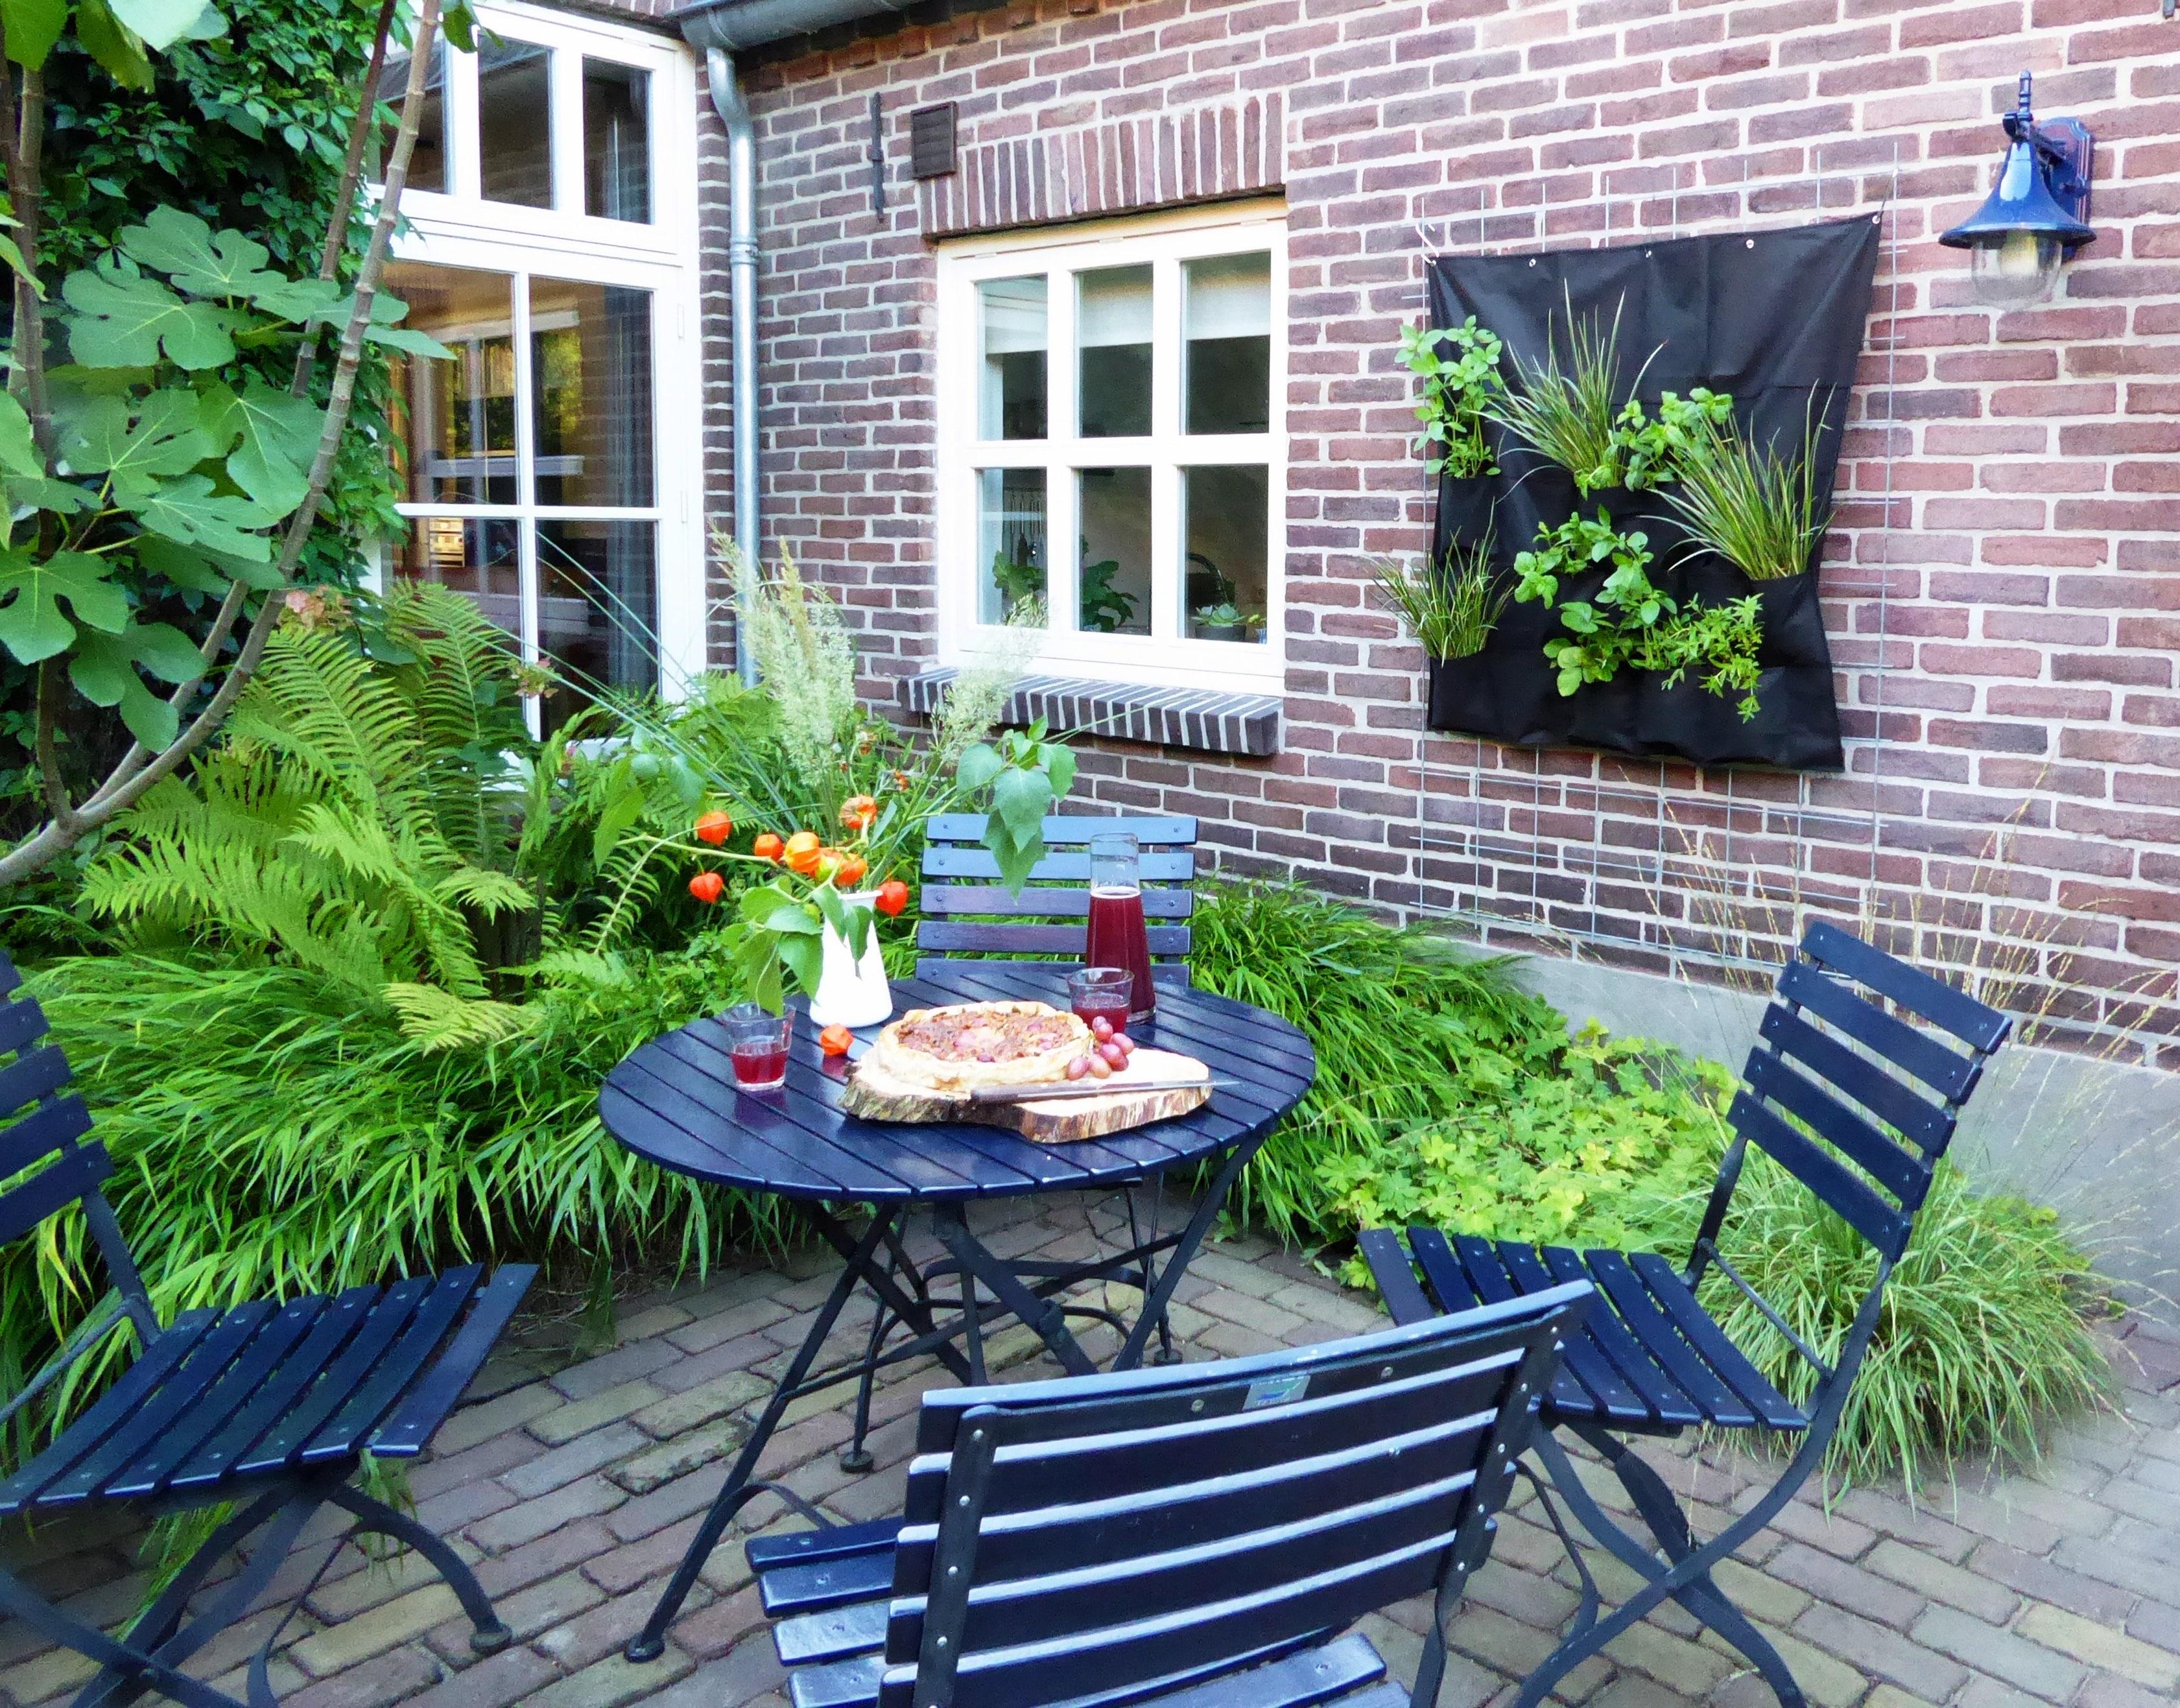 blauw tuinstel op een terras omgeven door groene planten